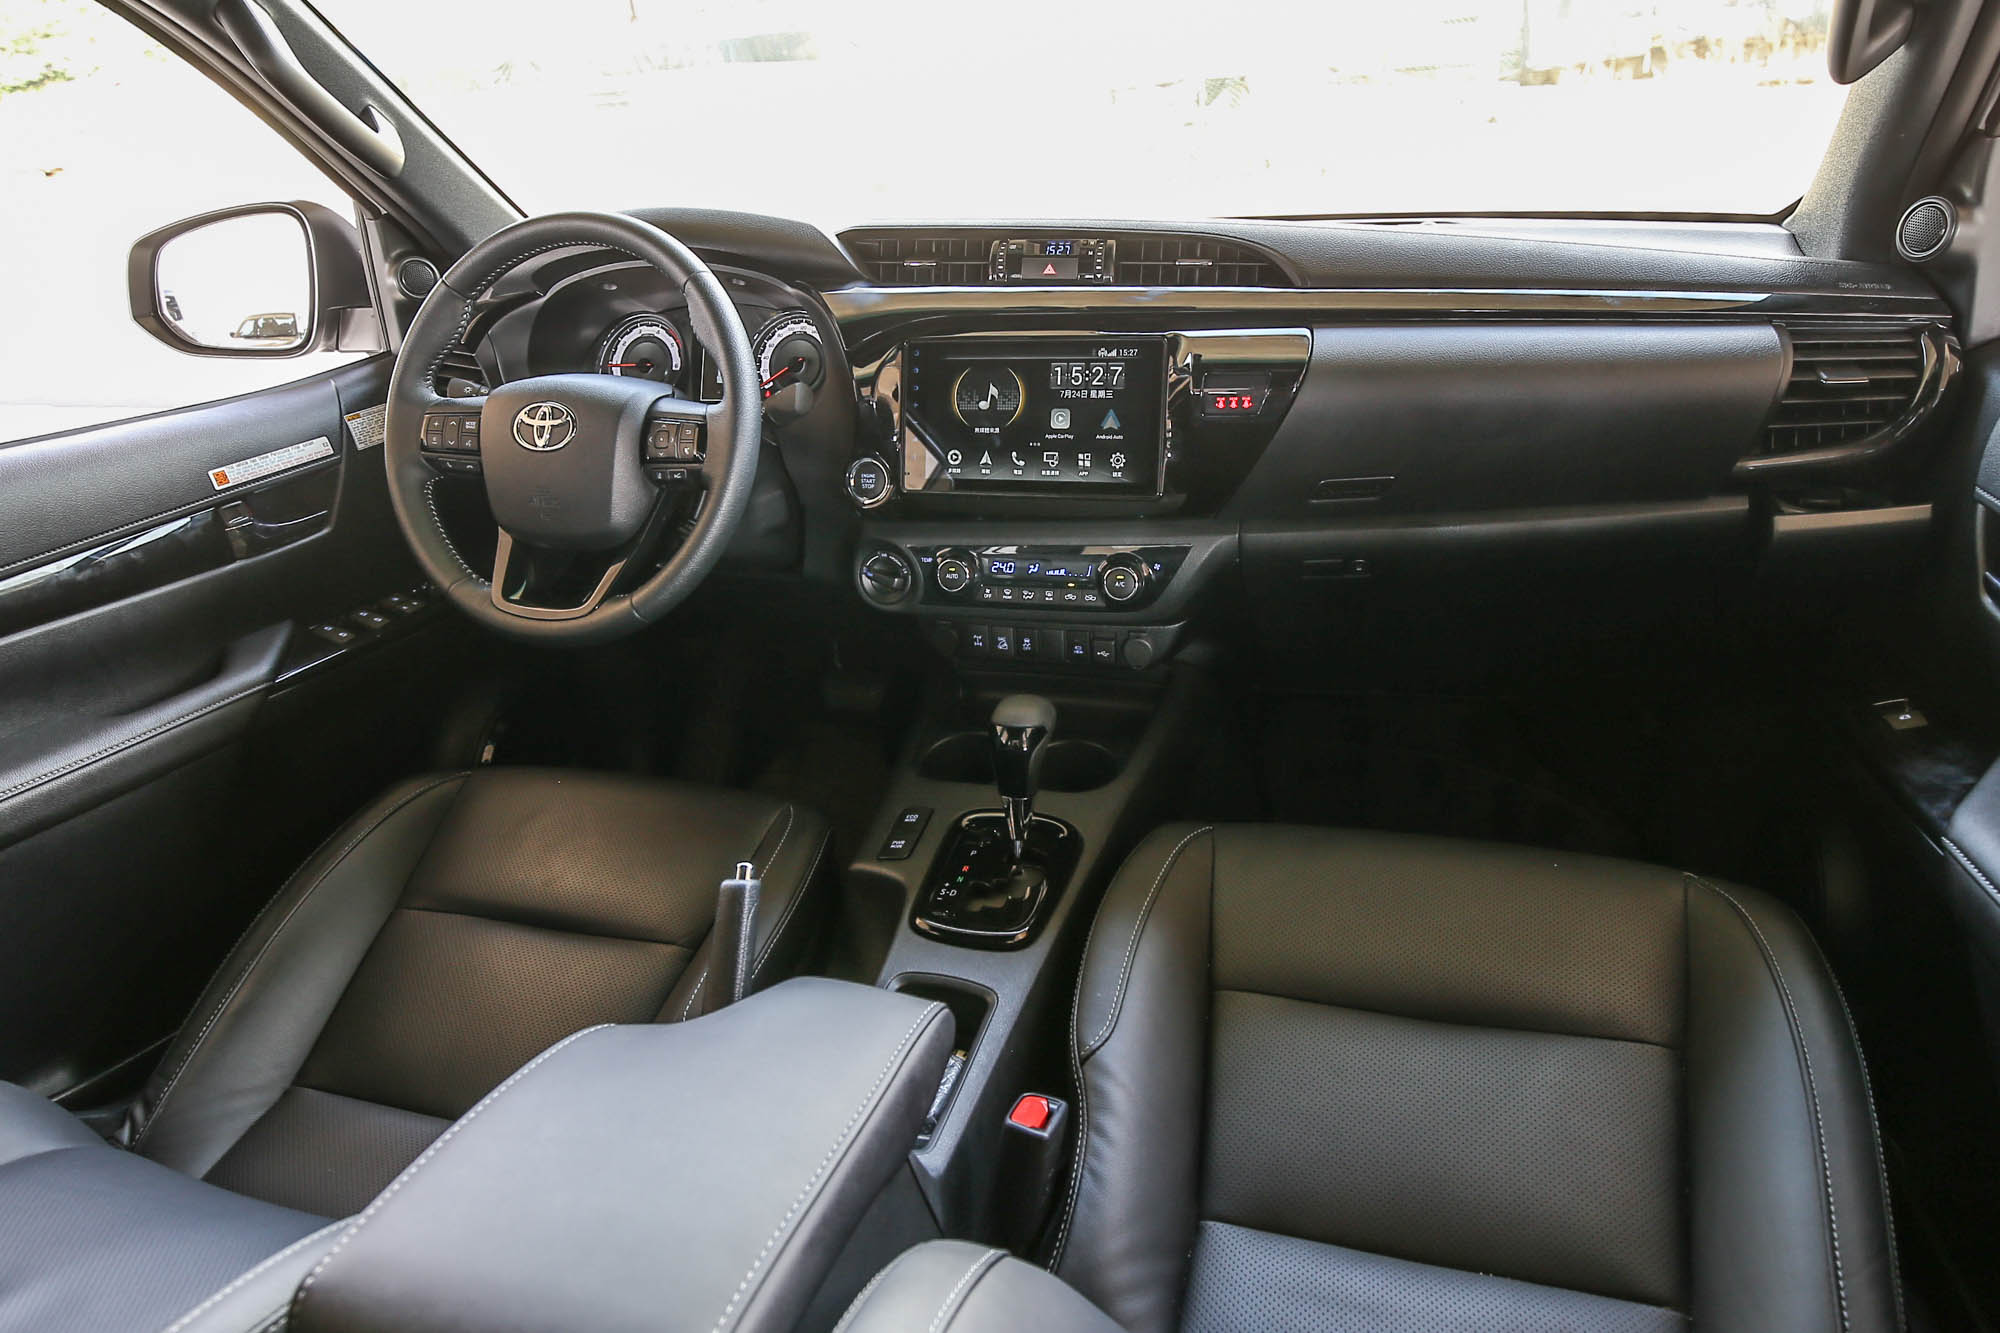 座艙內的風格與 Toyota 一般房車的設計風格大抵相同。